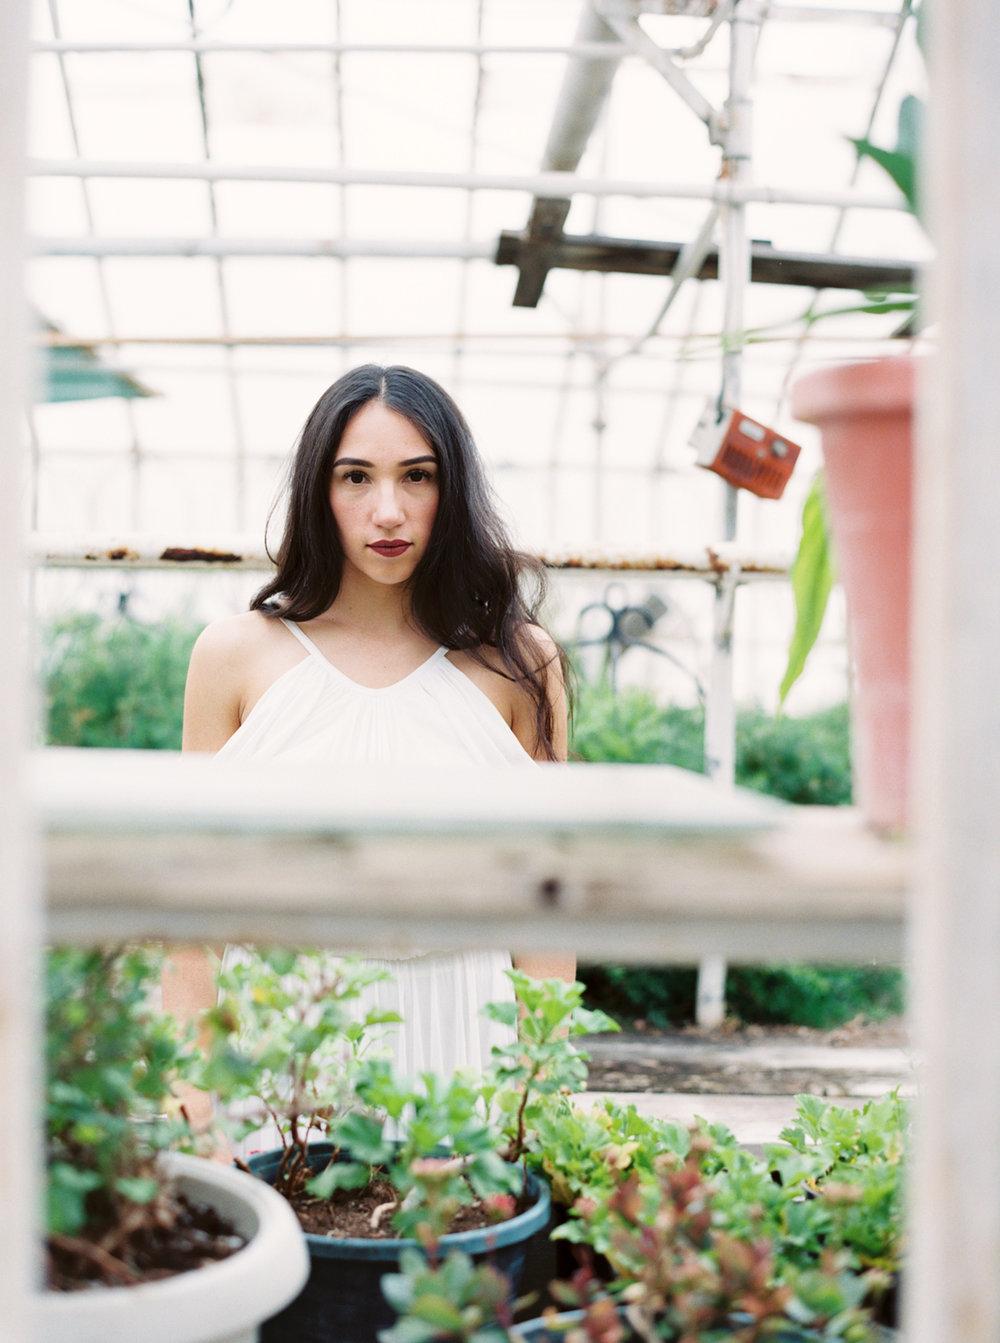 greenhouse-editiorial_0004.jpg